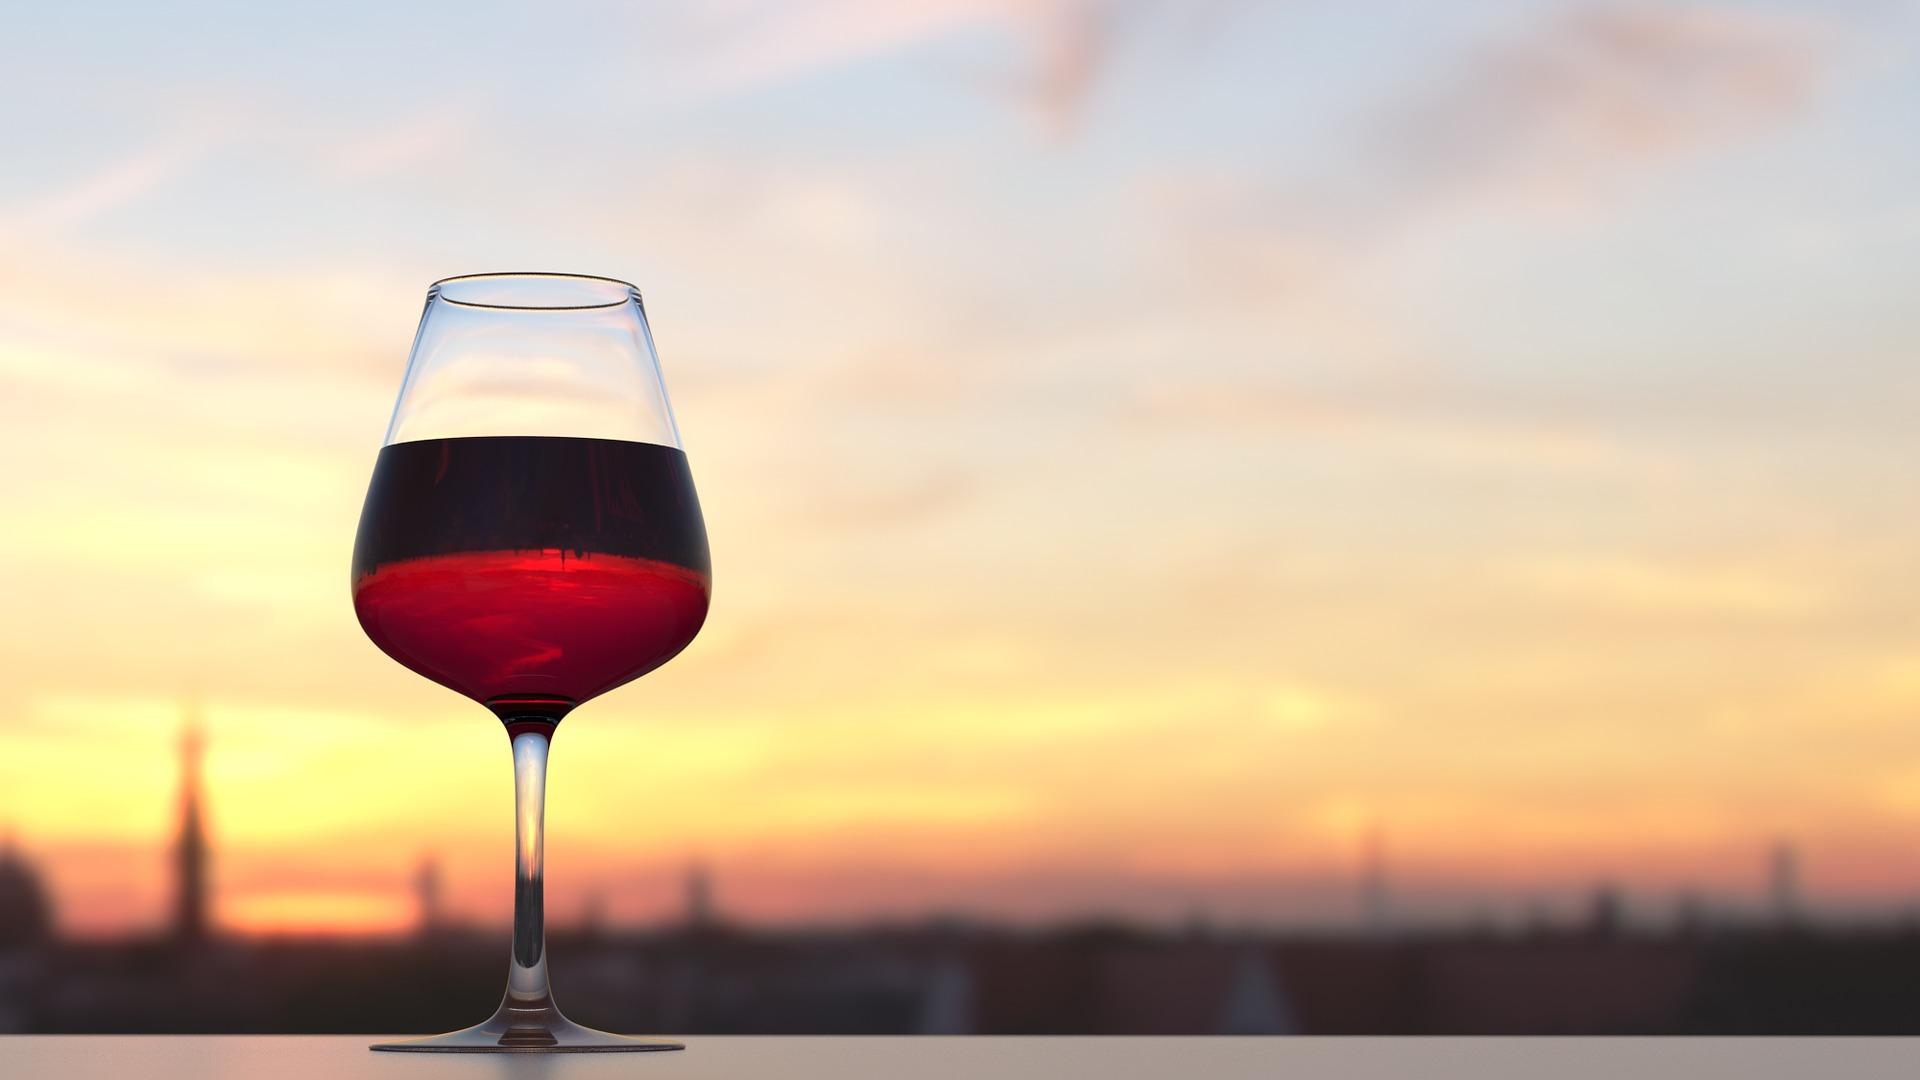 Quel Est Le Vin Le Plus Coûteux Au Monde ?